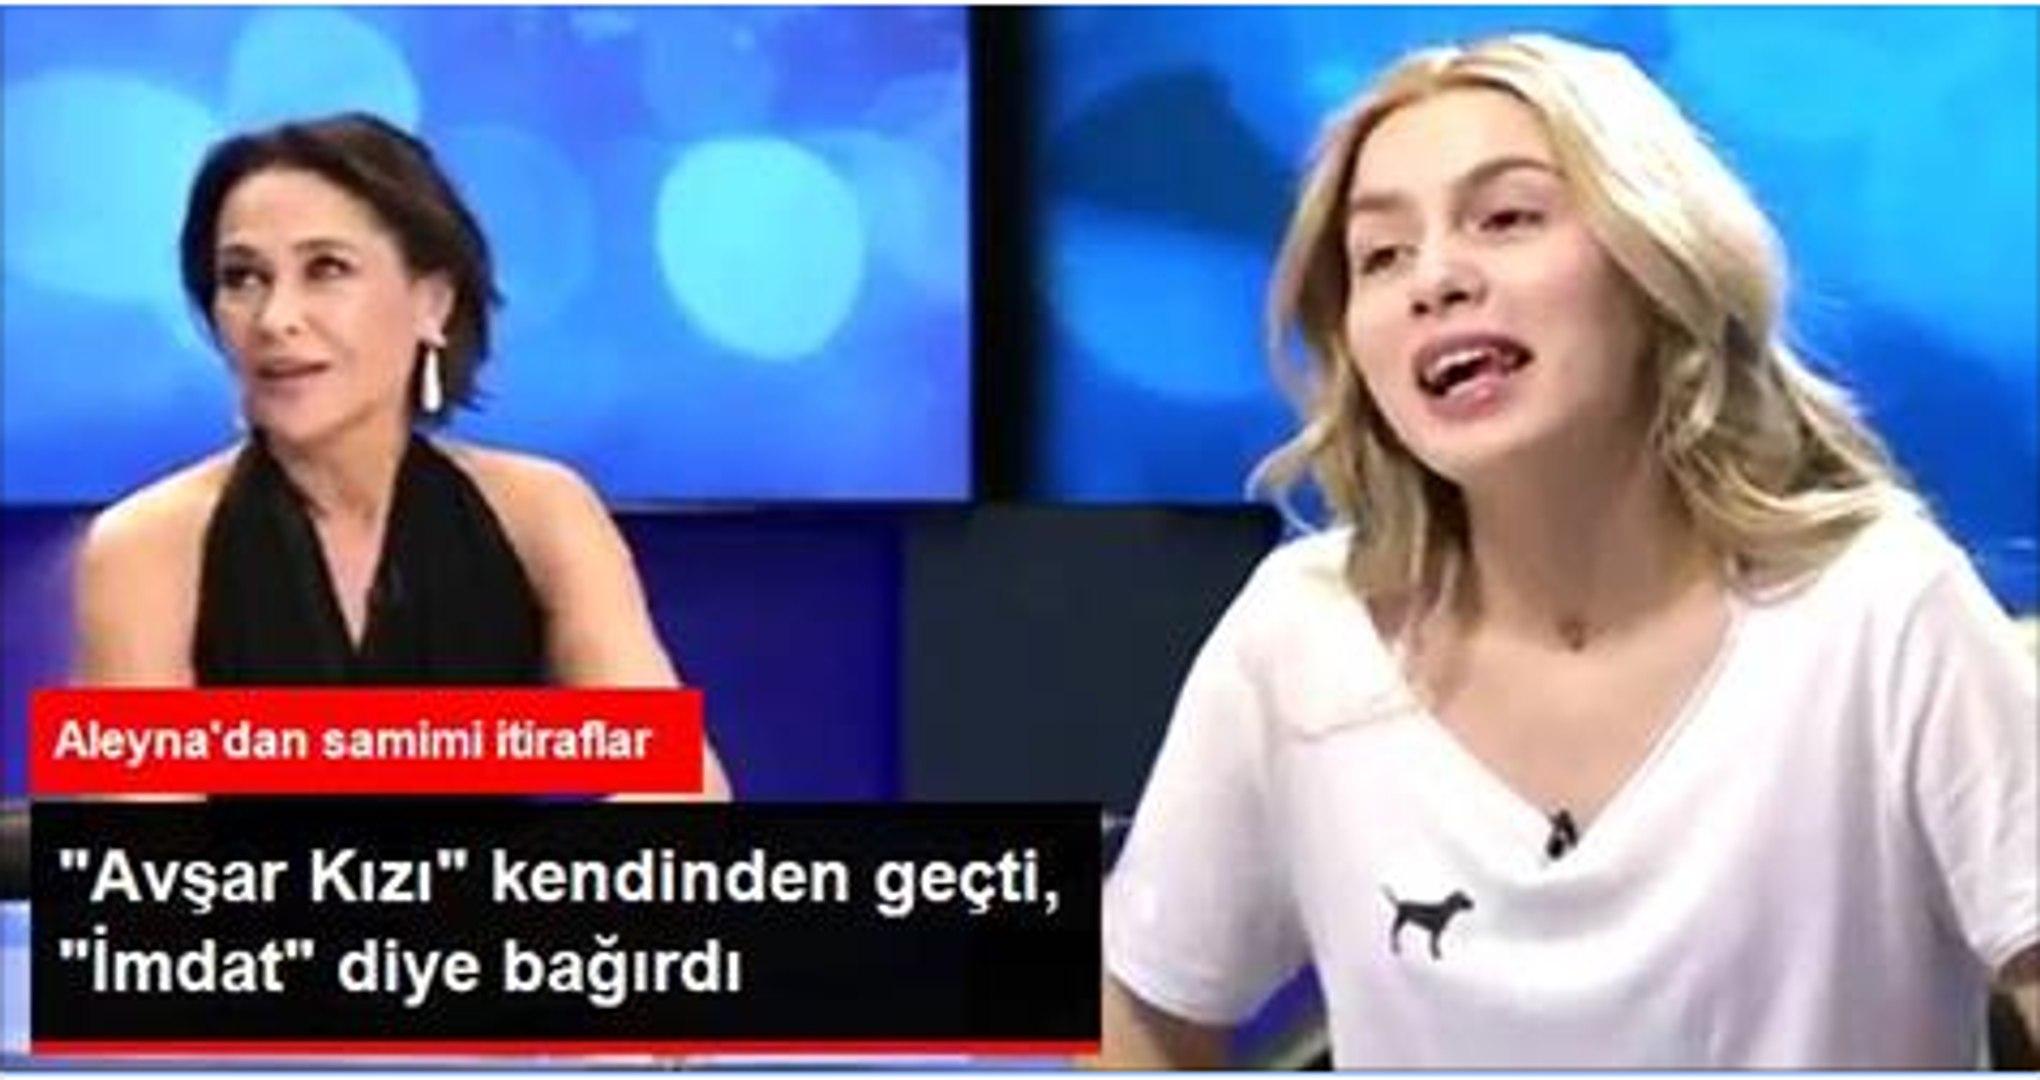 Aleyna Tilki'den Avşar Kızı'nı Şaşkına Çeviren İtiraflar